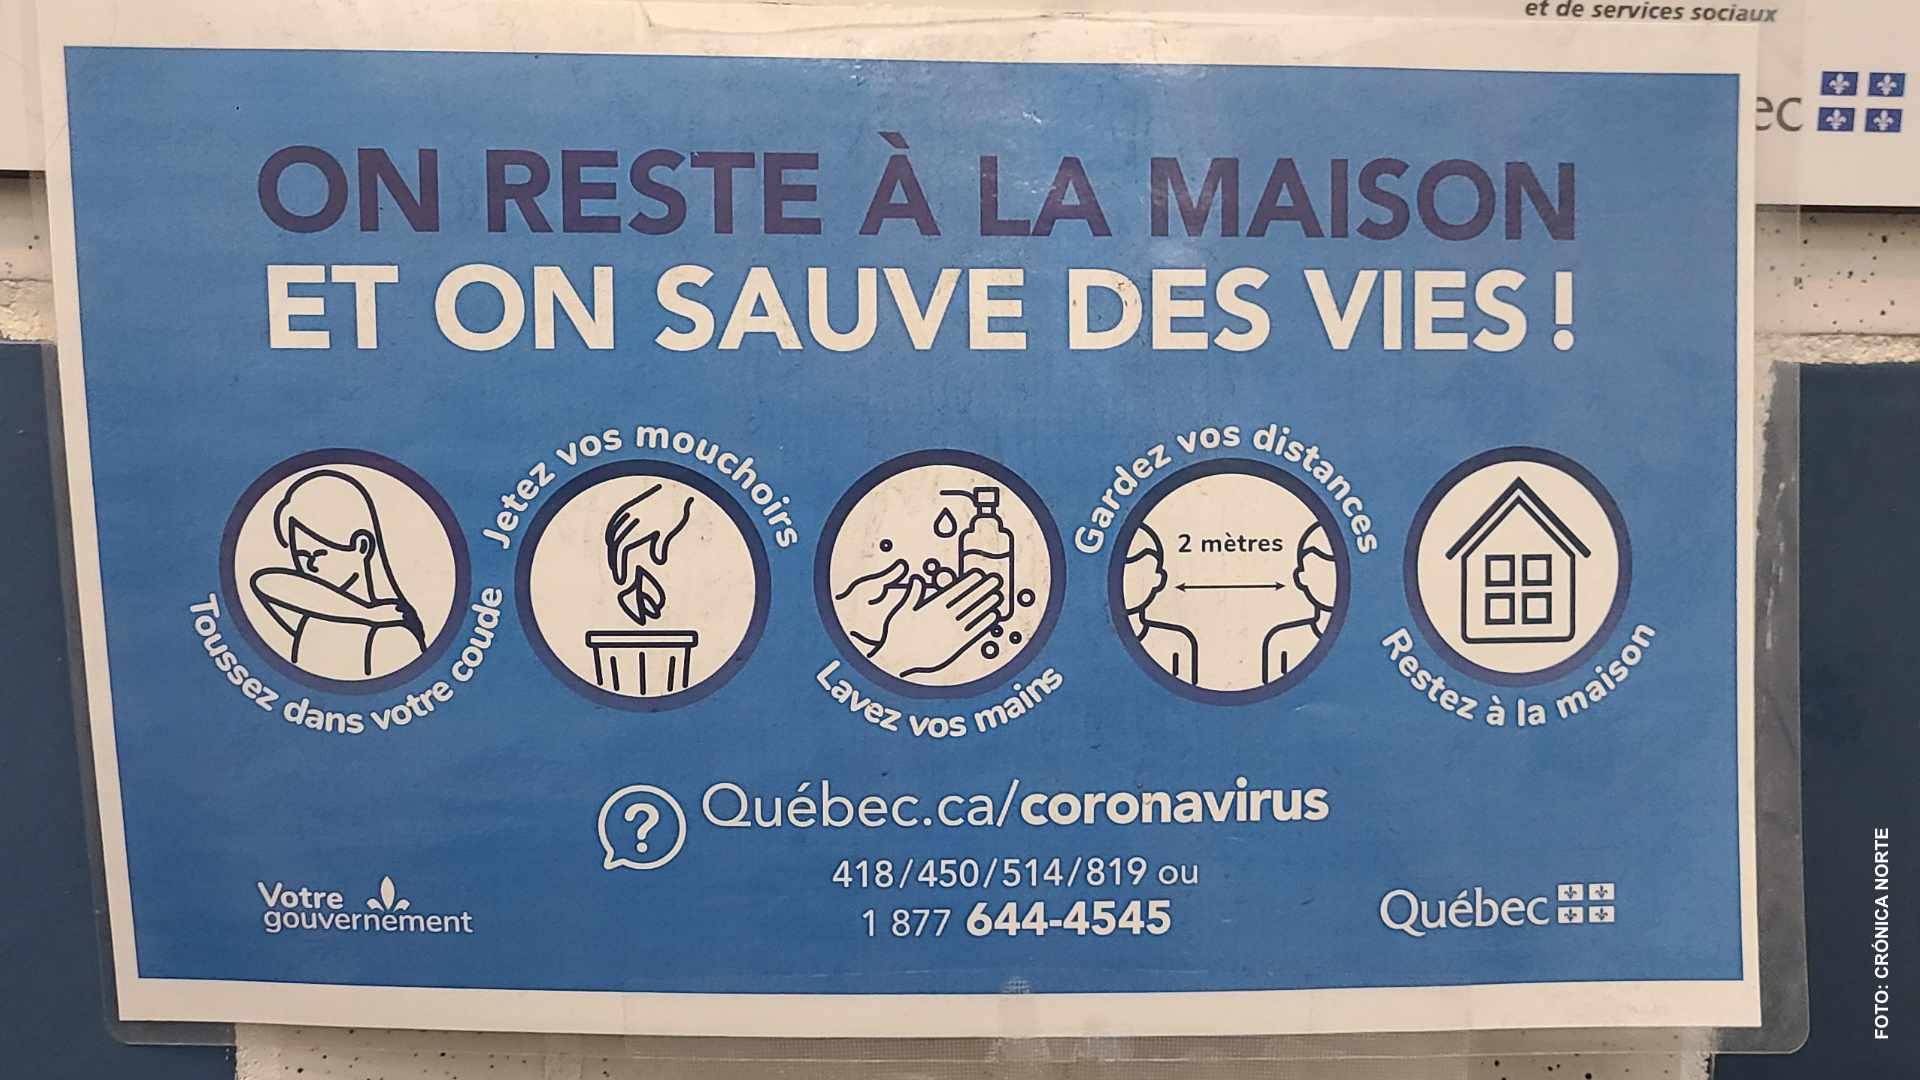 Comienza tercera ola de pandemia en Quebec, admiten